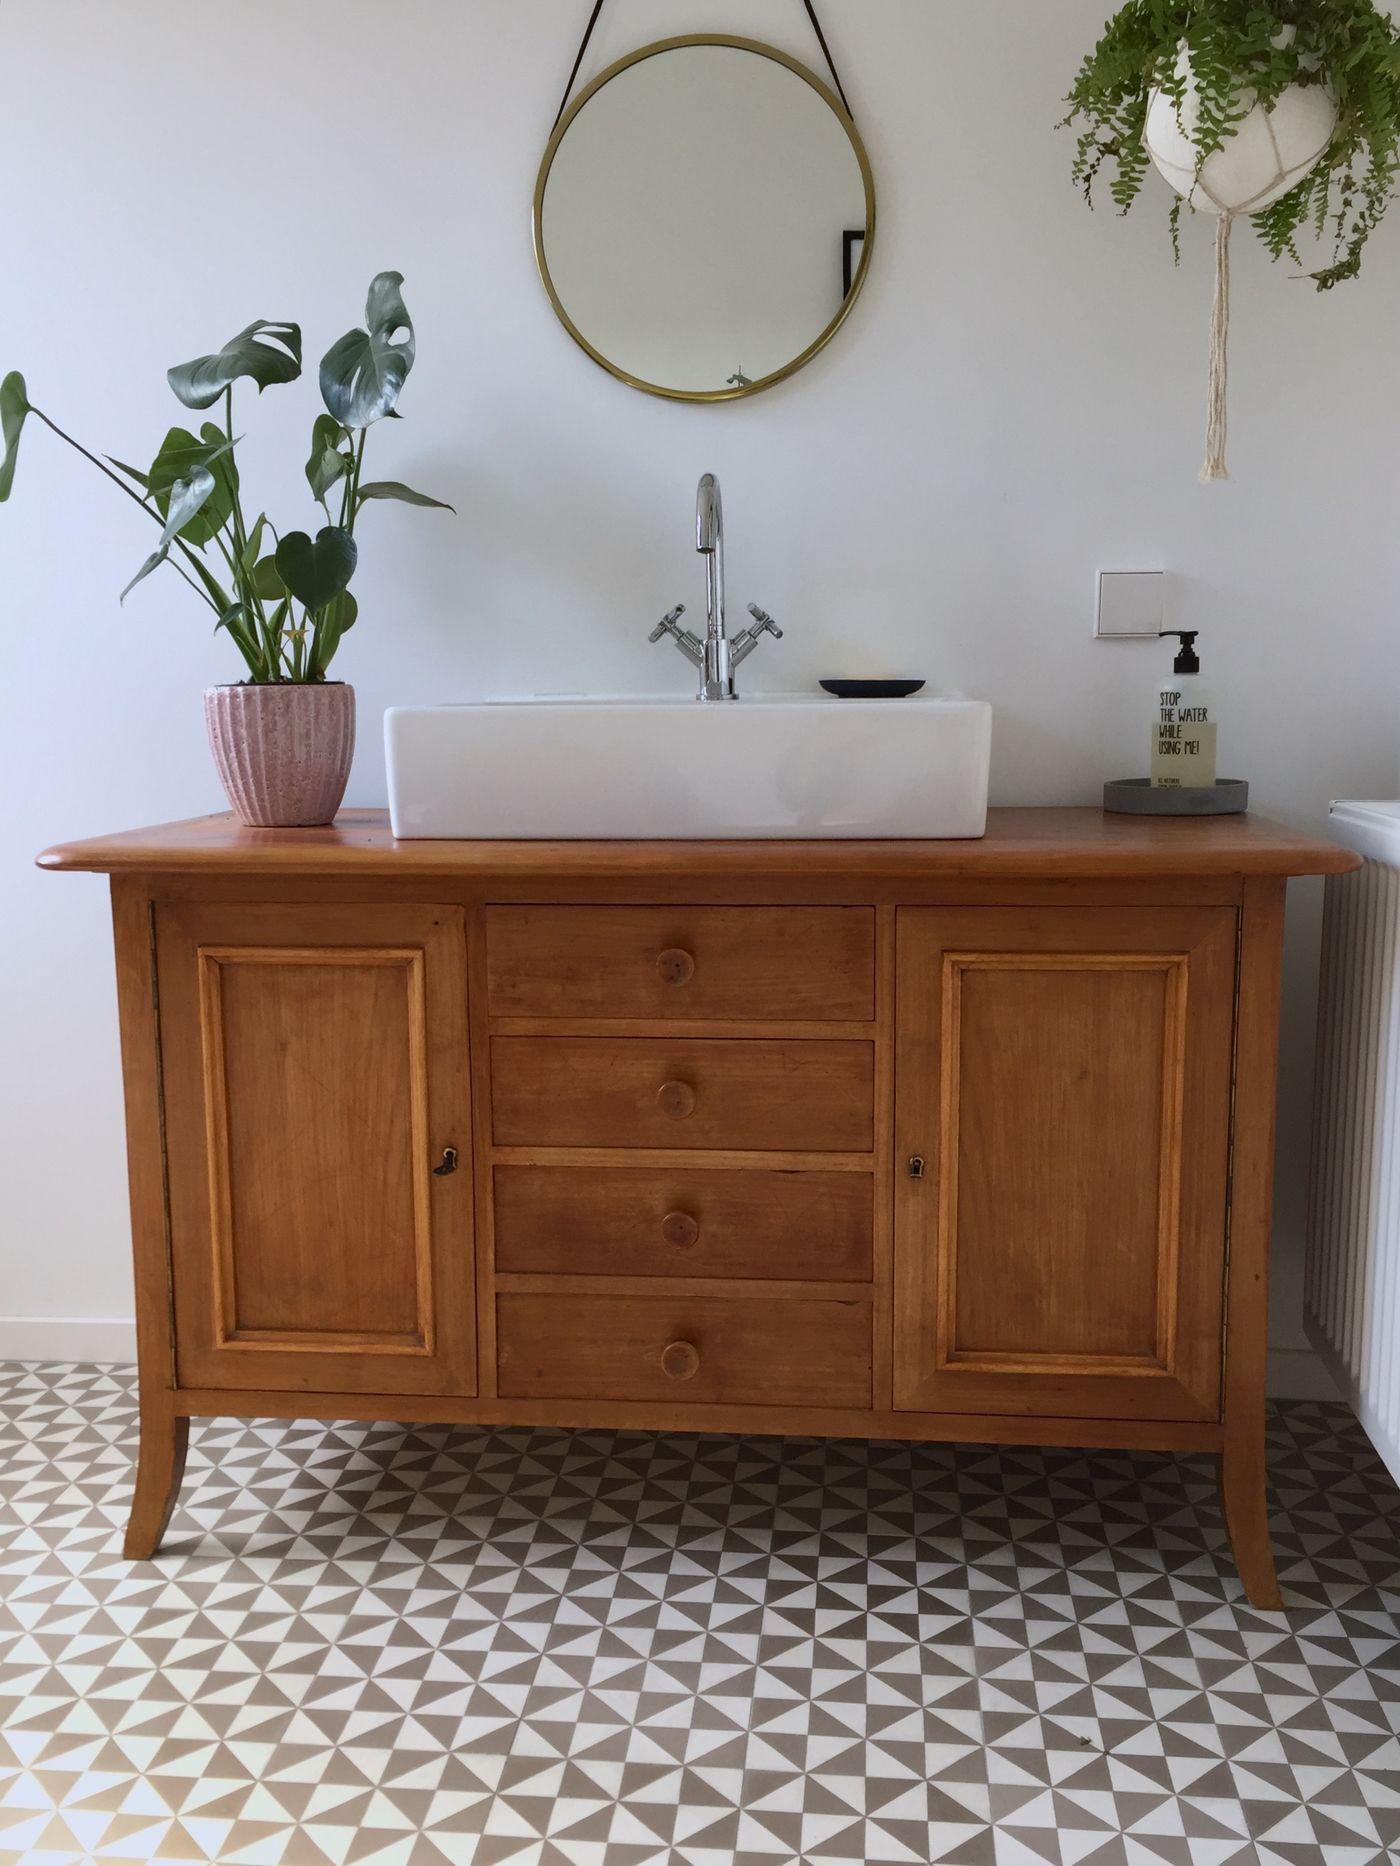 Vintage badezimmer ideen bilder - Badezimmer vintage ...